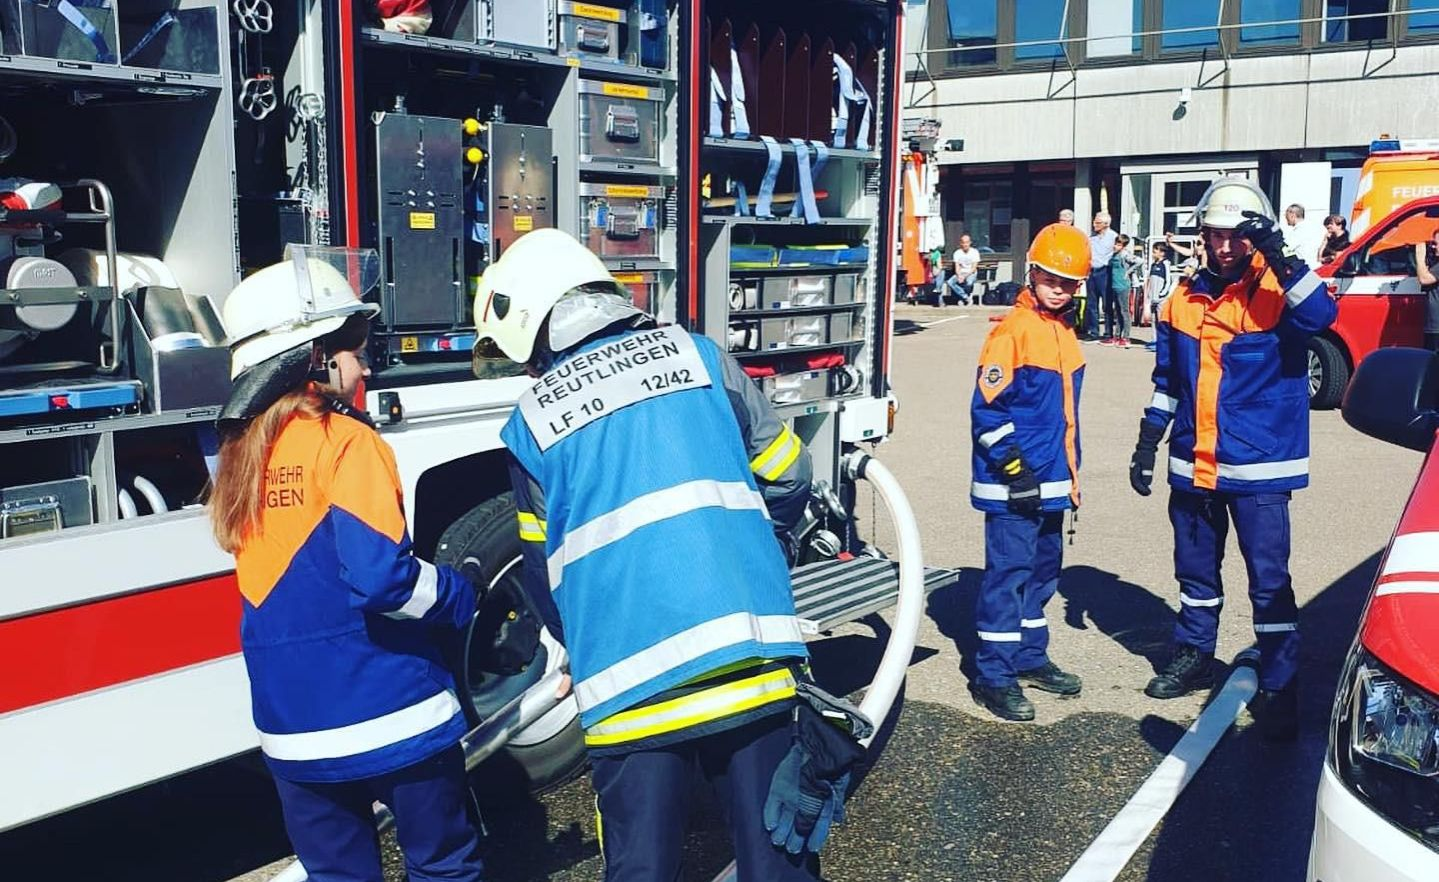 Unsere Jugendfeuerwehr im Einsatz mit dem Gruppenführer. Im Hintergrund das Feuerwehrfahrzeug von Altenburg